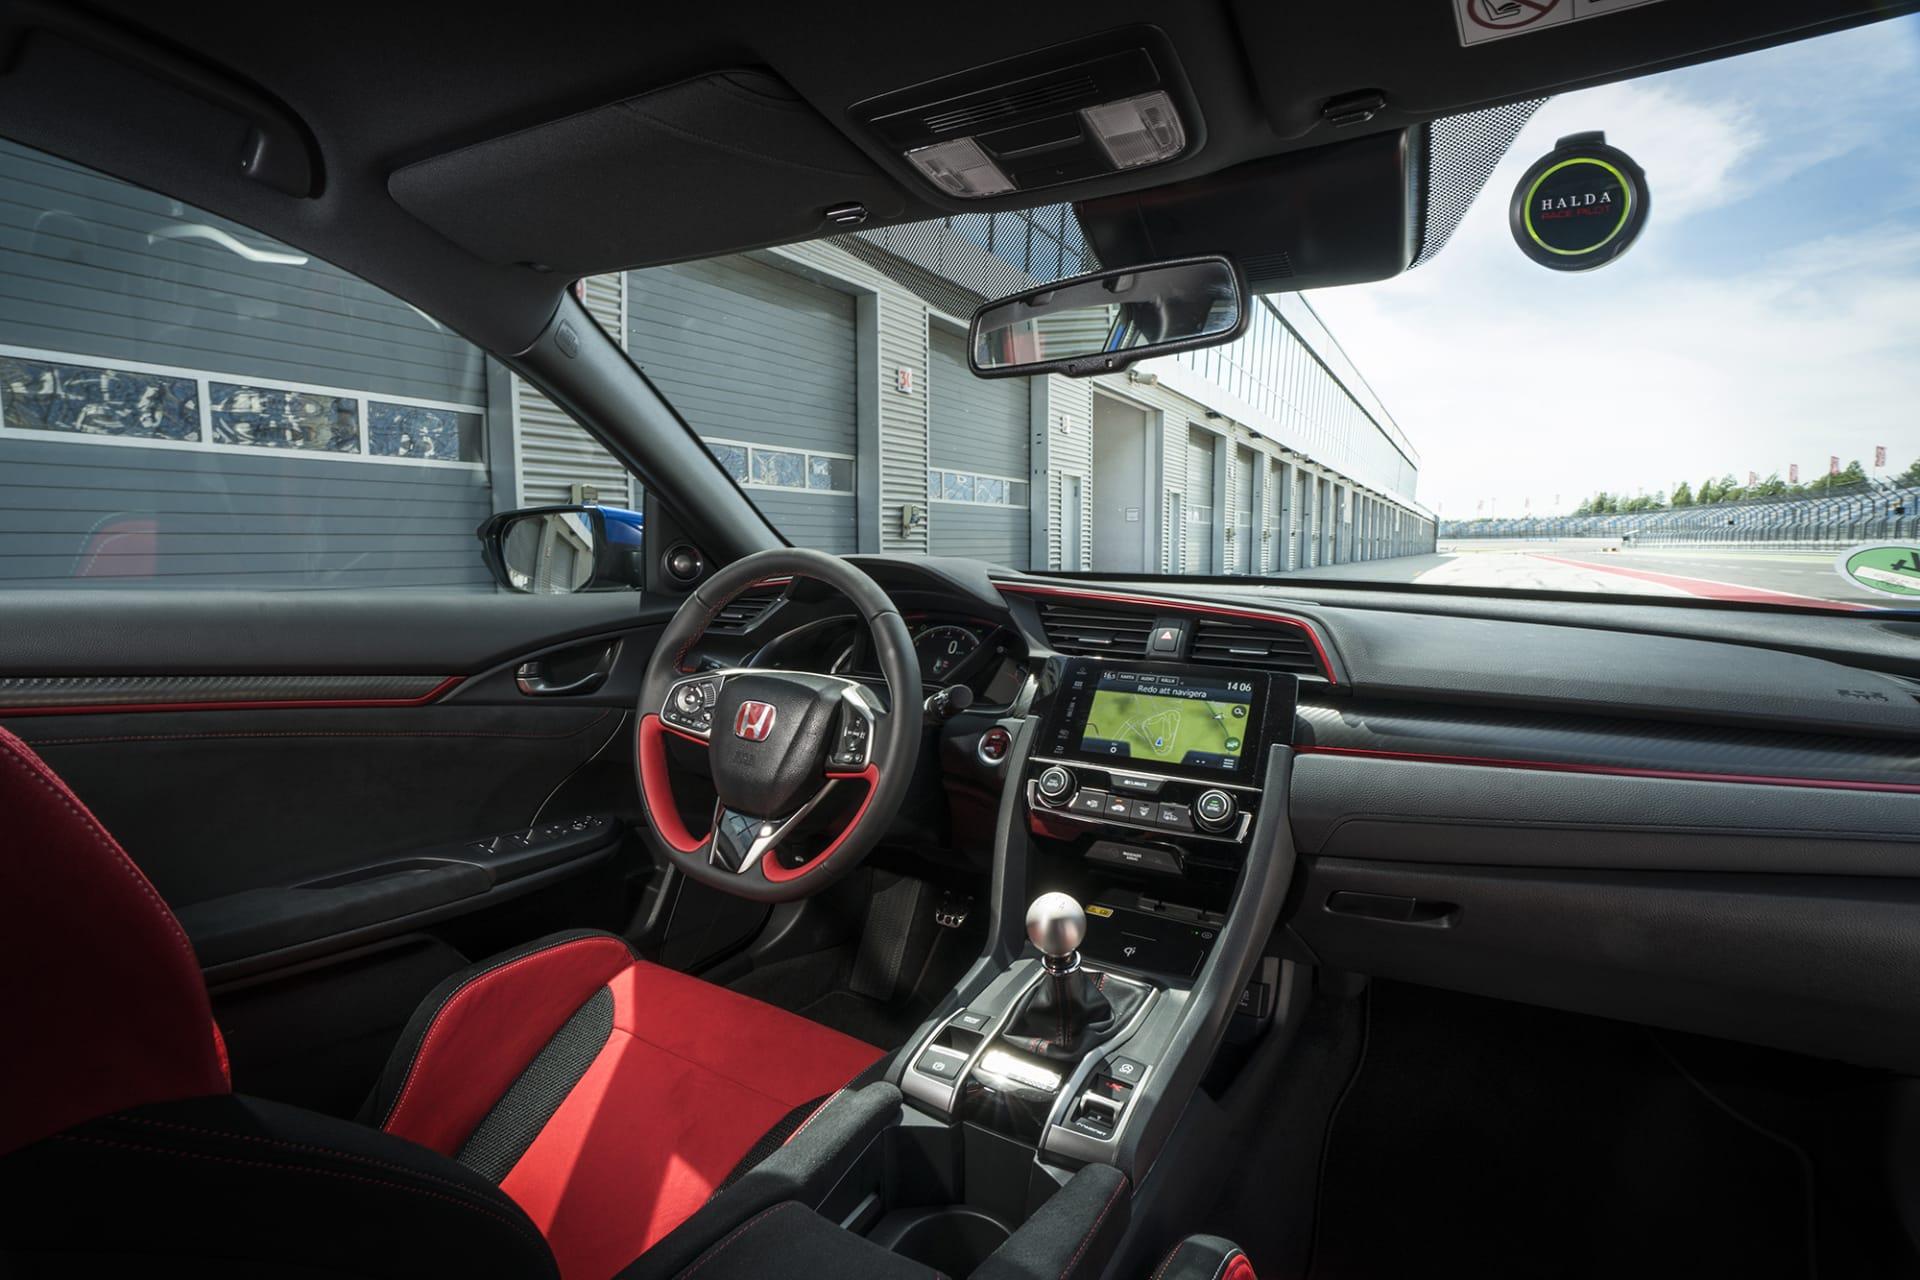 Inredningen i Honda Civic Type R är mycket trevlig, man sitter som i ett skruvstäd i sätena som är klädda med röd alcantara. I rutan sitter en GPS-puck från svenska klockmärket Halda, och all info lagras direkt i din klocka.